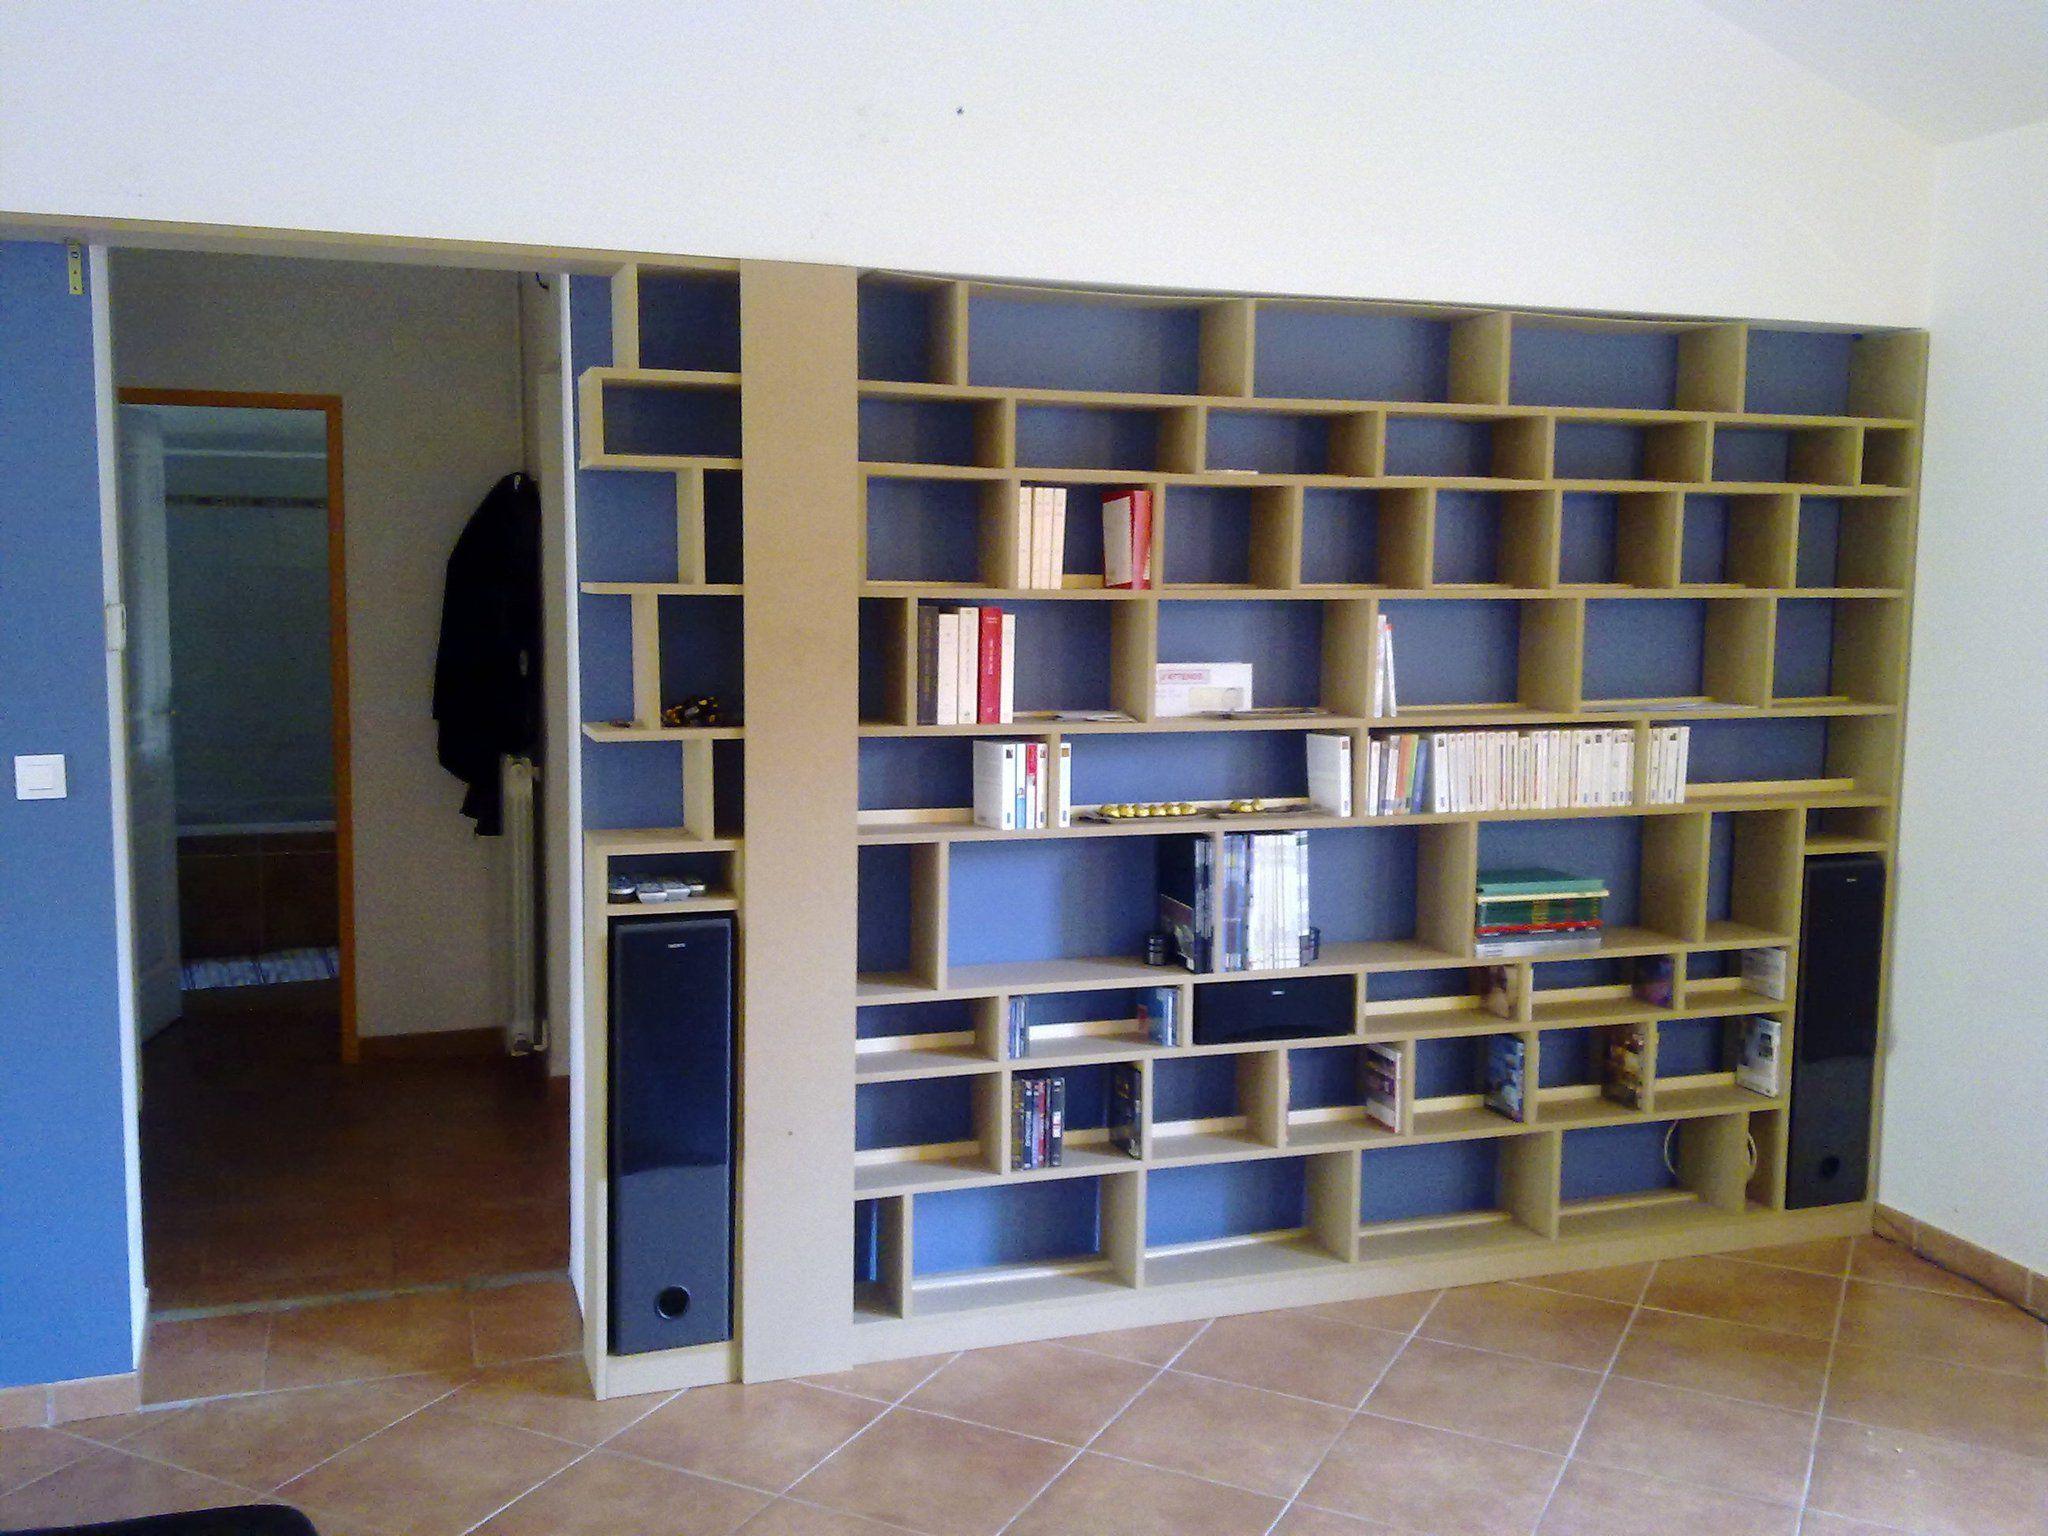 Bibliotheque Sur Mesure D Co Appart Mobilier Accessoires  # Fabriquer Bibliotheque Meuble Tv Rangement Ferme Sur Mesure